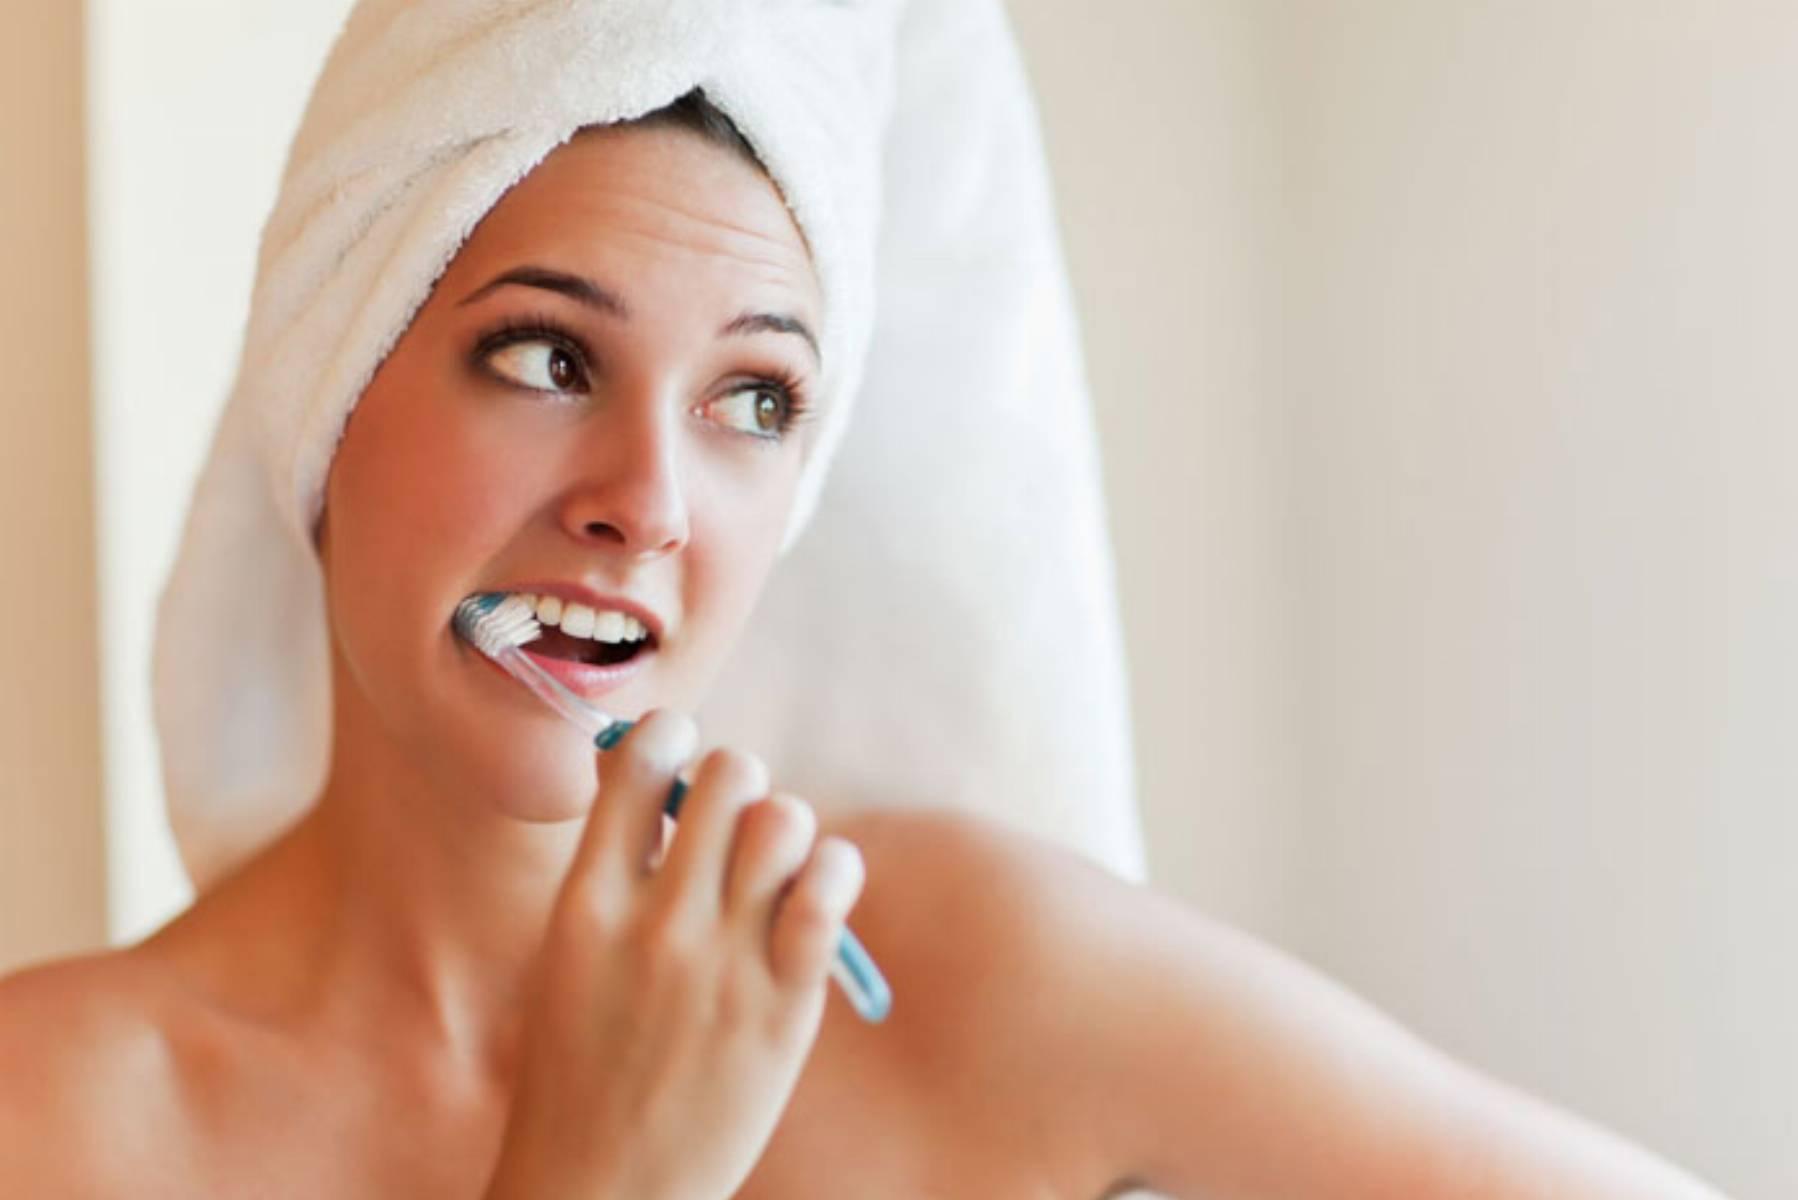 okluzja zęby